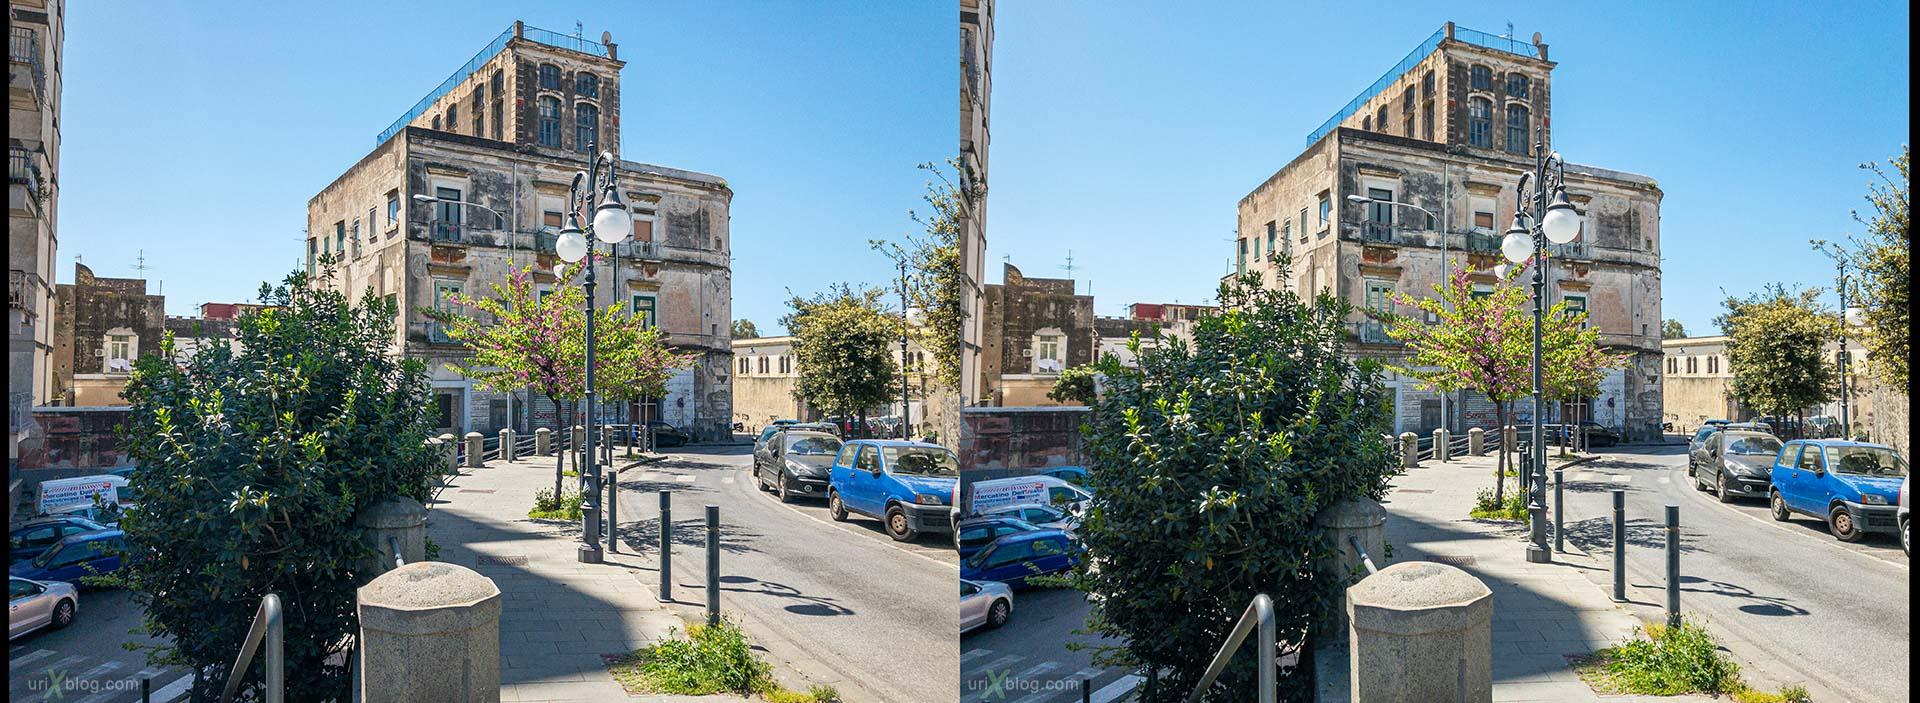 Торре-Аннунциата, Италия, 3D, перекрёстная стереопара, стерео, стереопара